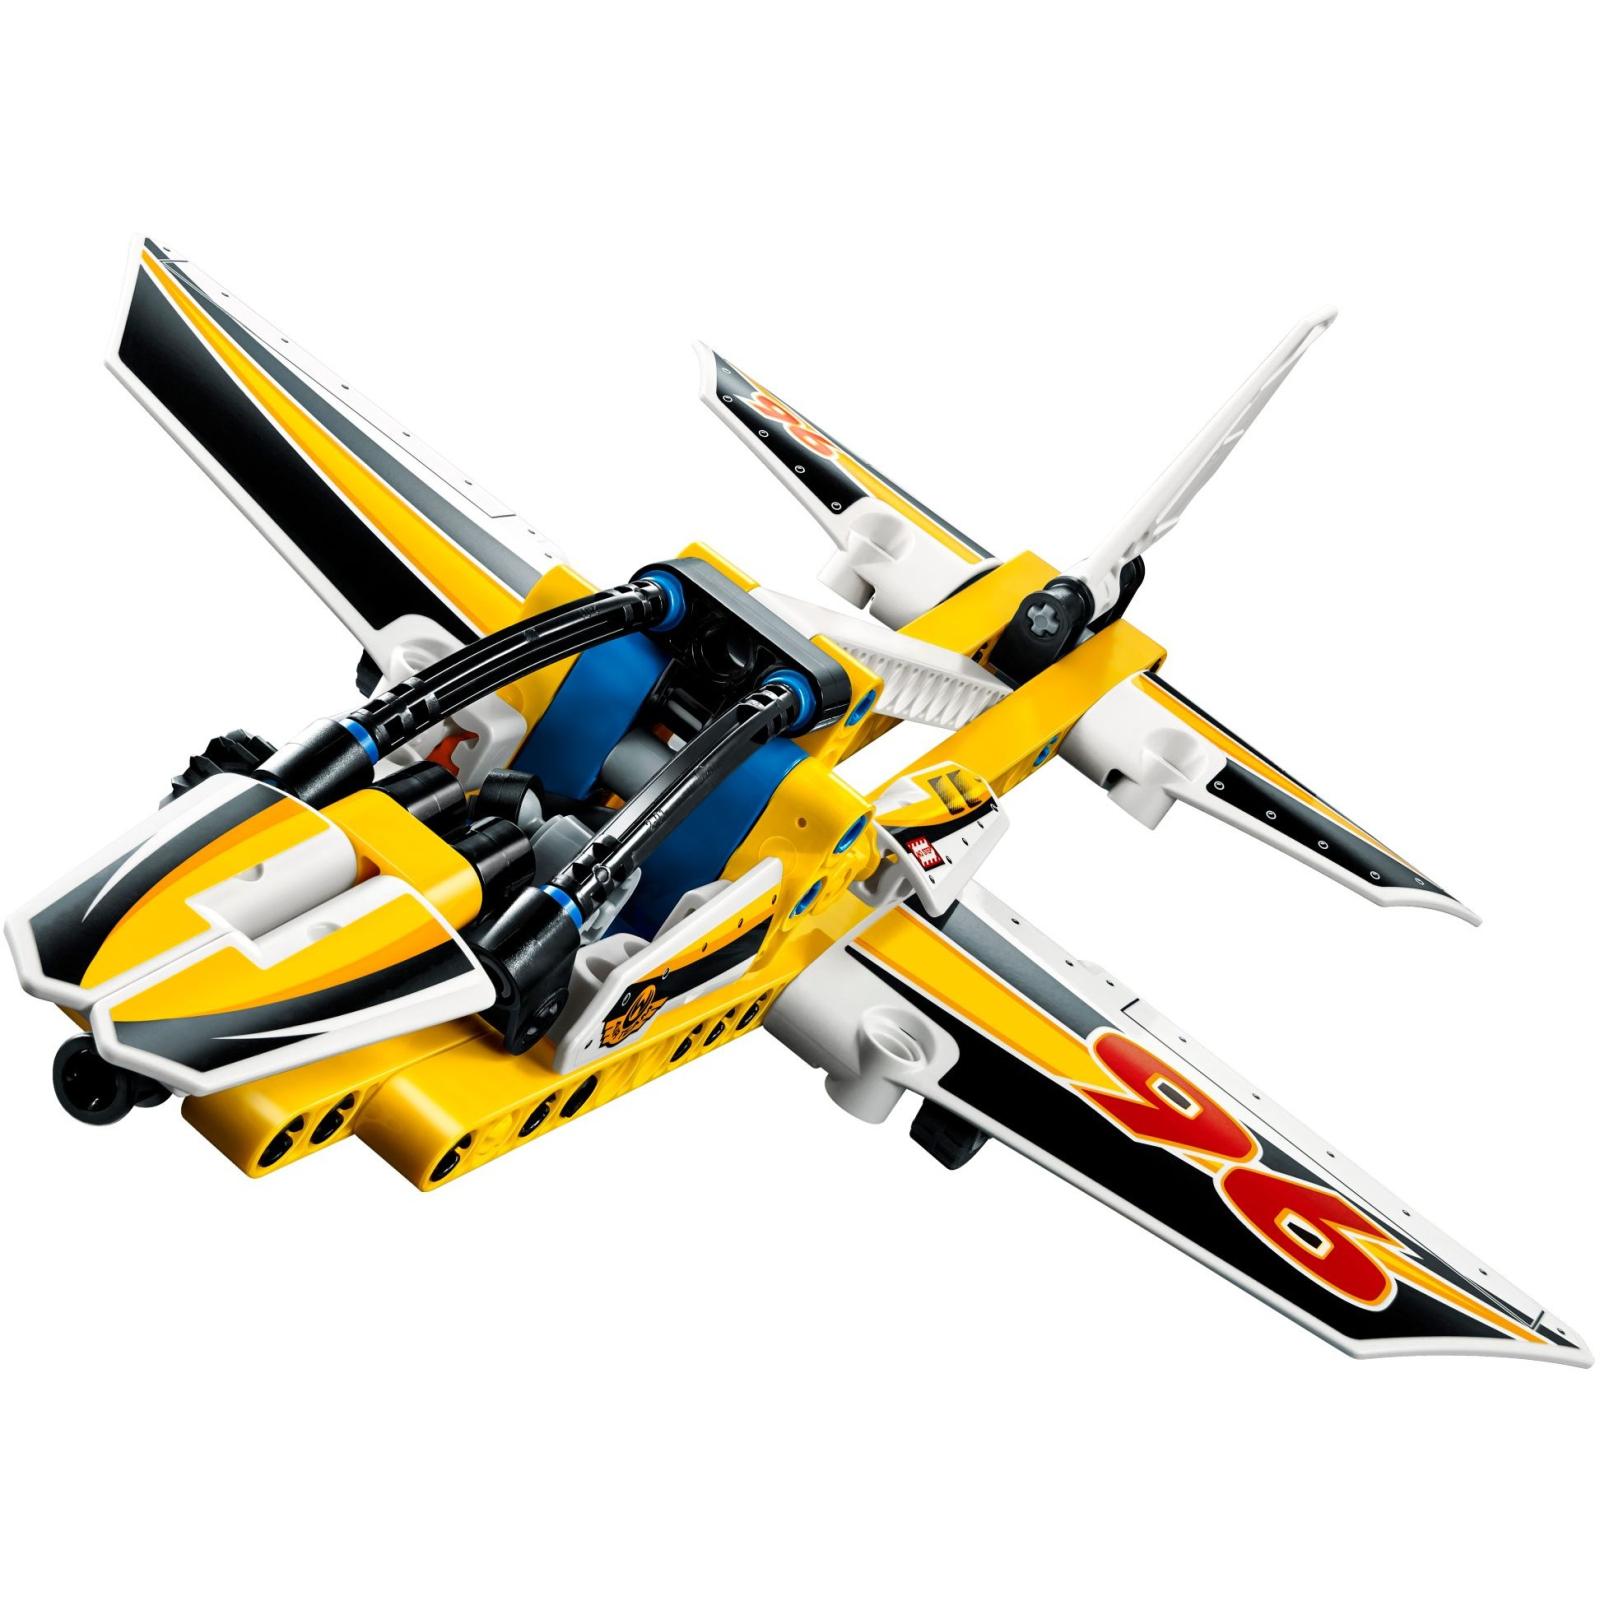 Конструктор LEGO Technic Самолёт пилотажной группы (42044) изображение 3